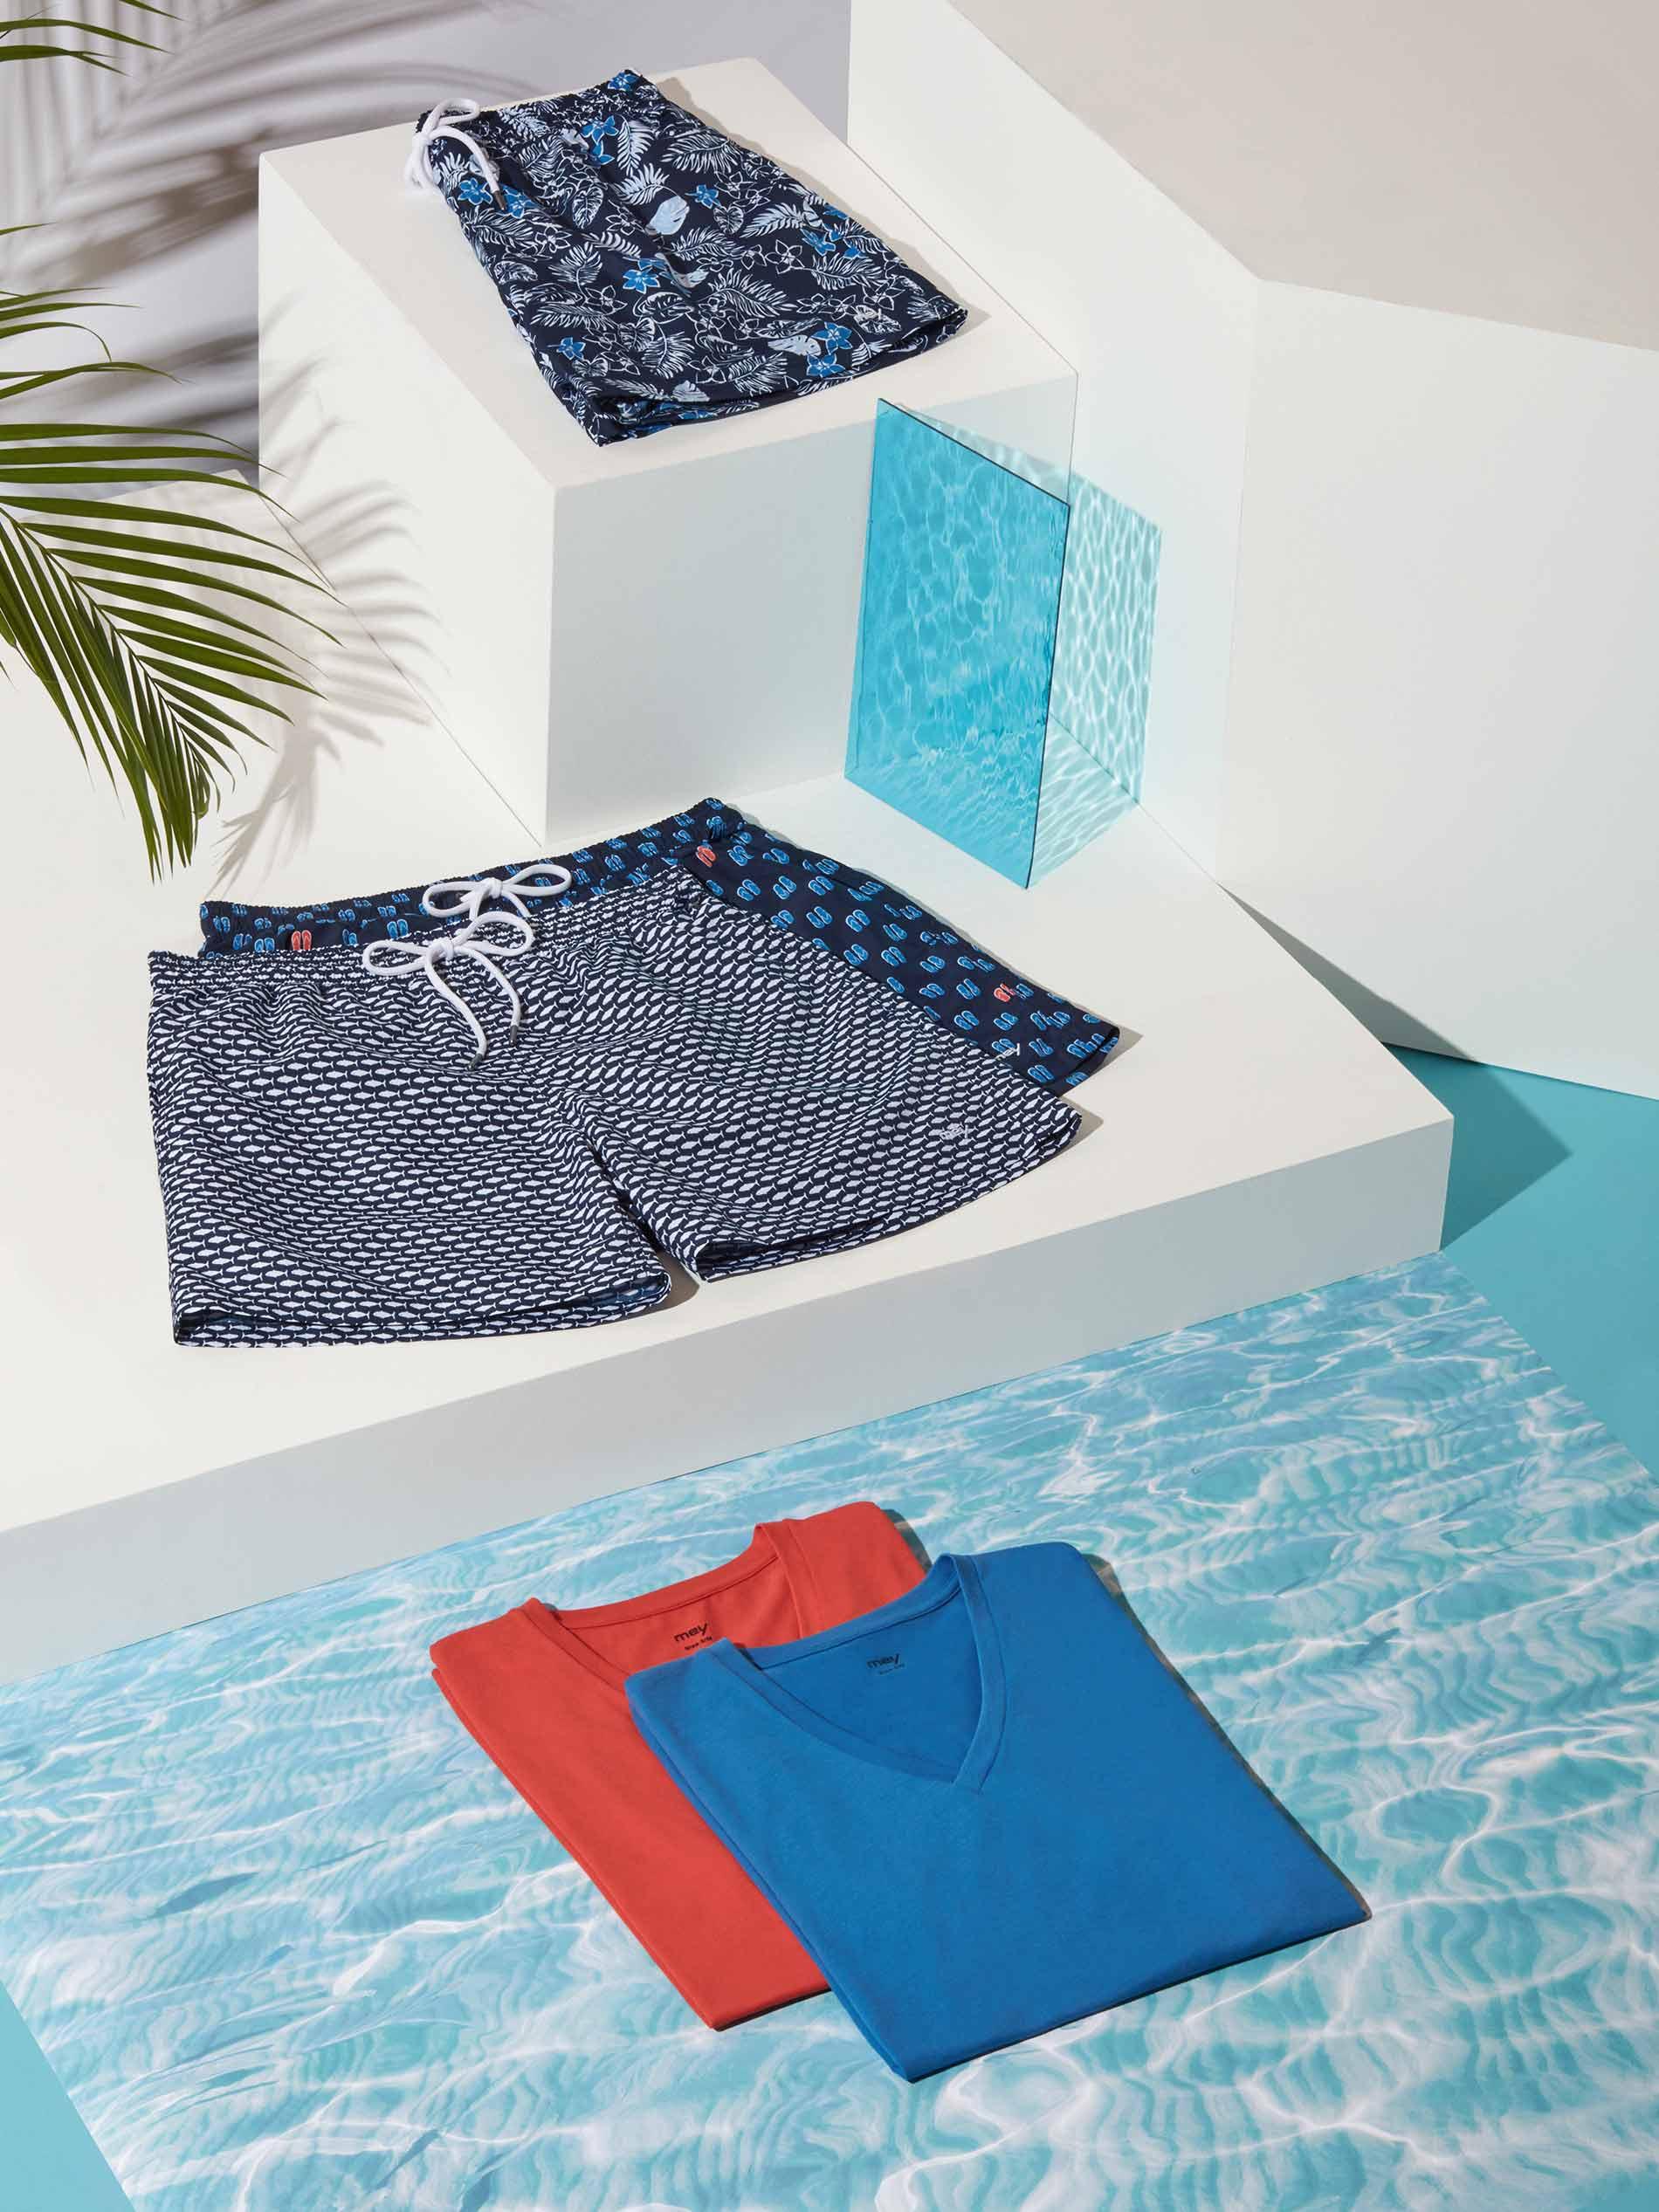 mey® Swimwear Badeshorts und farbige T-Shirts arrangiert auf weißen Stelen mit Wasser-Hintergrund und Palmenblatt